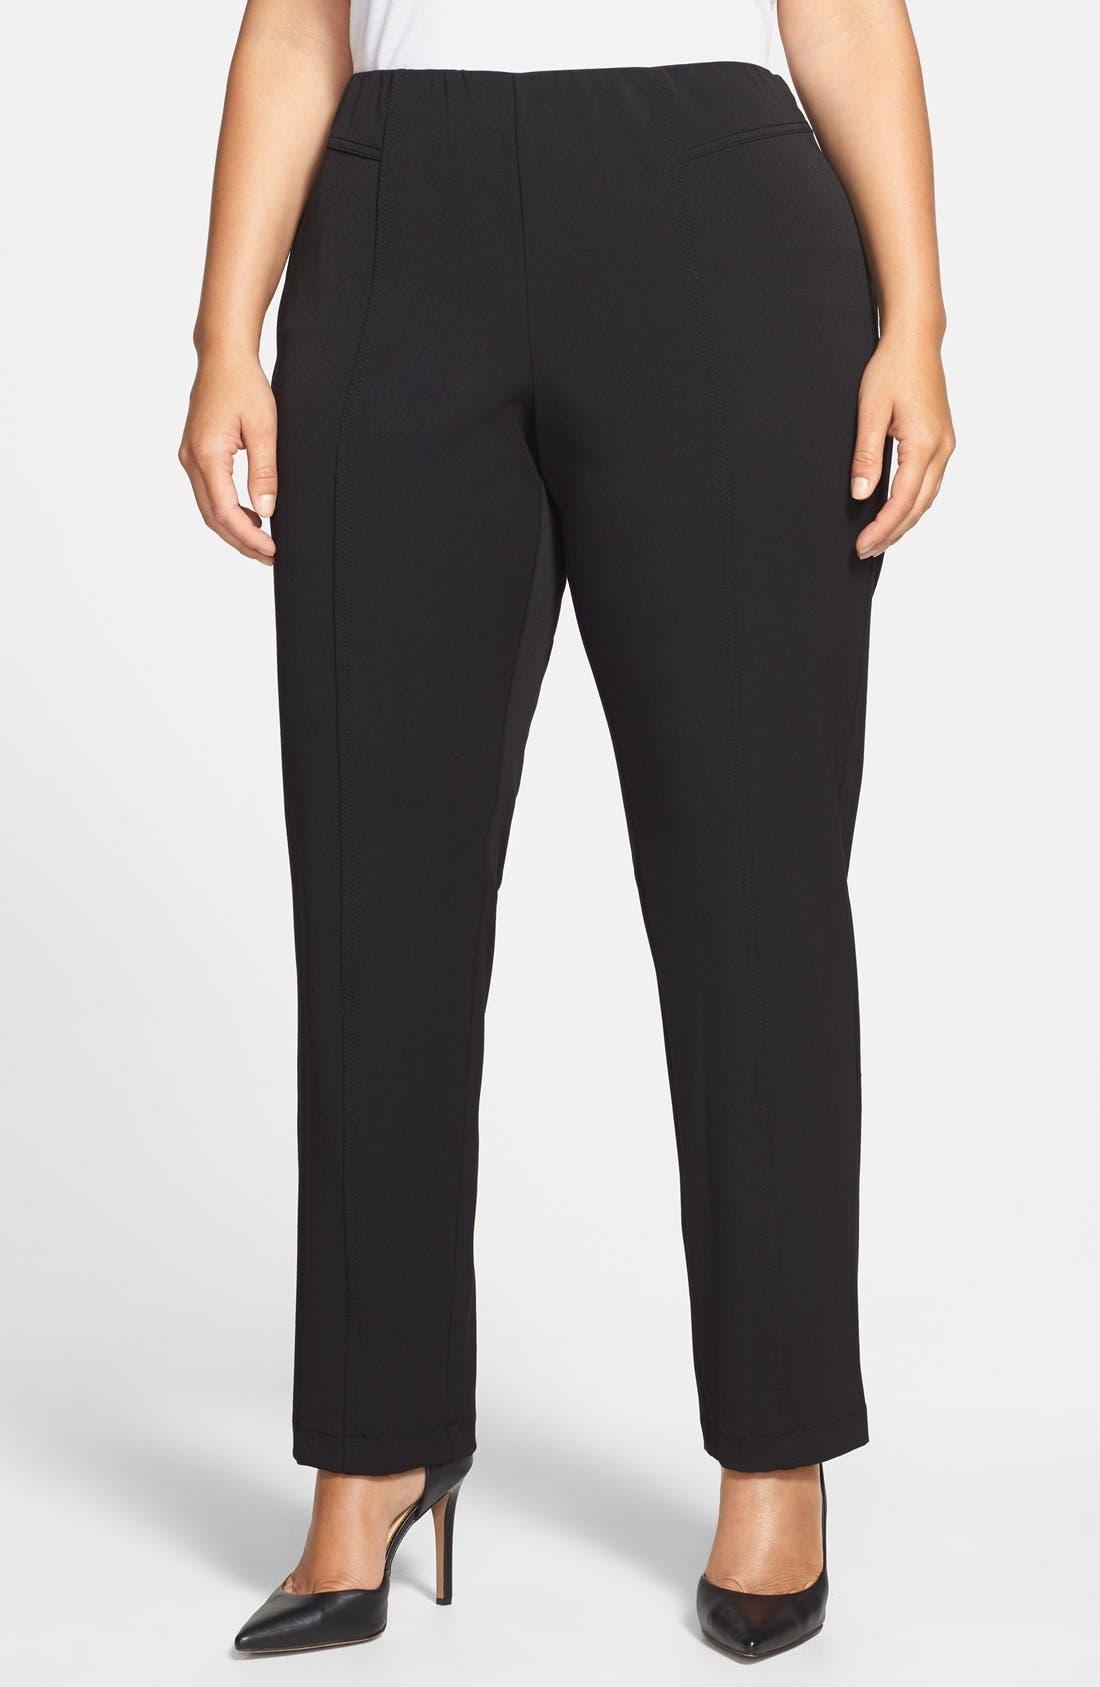 Main Image - Vince Camuto Seam Detail Pants (Plus Size)